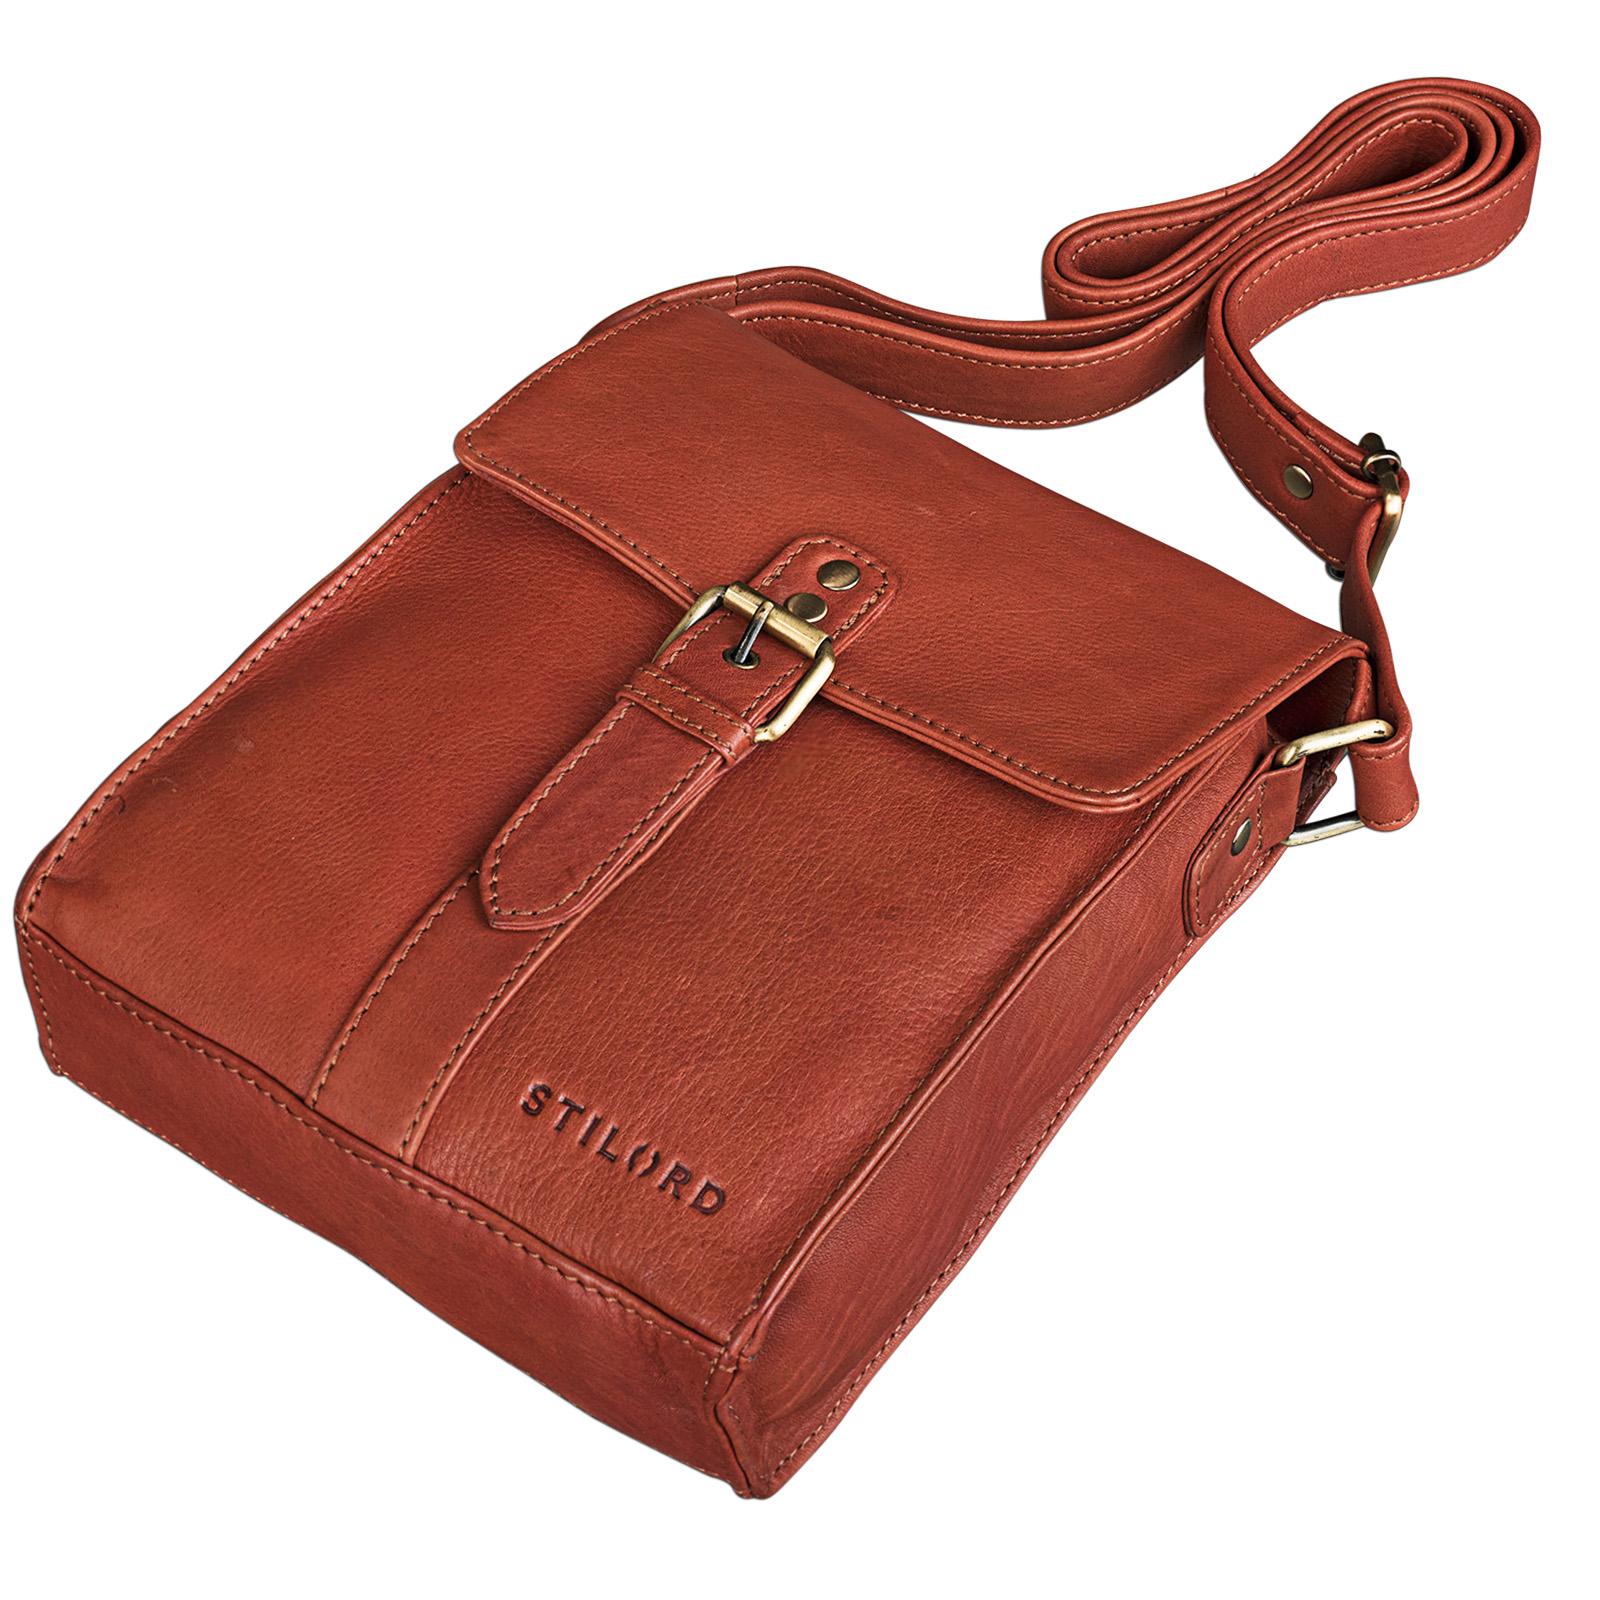 """STILORD """"Kilian"""" Vintage Umhängetasche Leder klein Unisex Messenger Bag für 8,4 Zoll Tablets Schultertasche Herren Damen echtes Leder - Bild 12"""